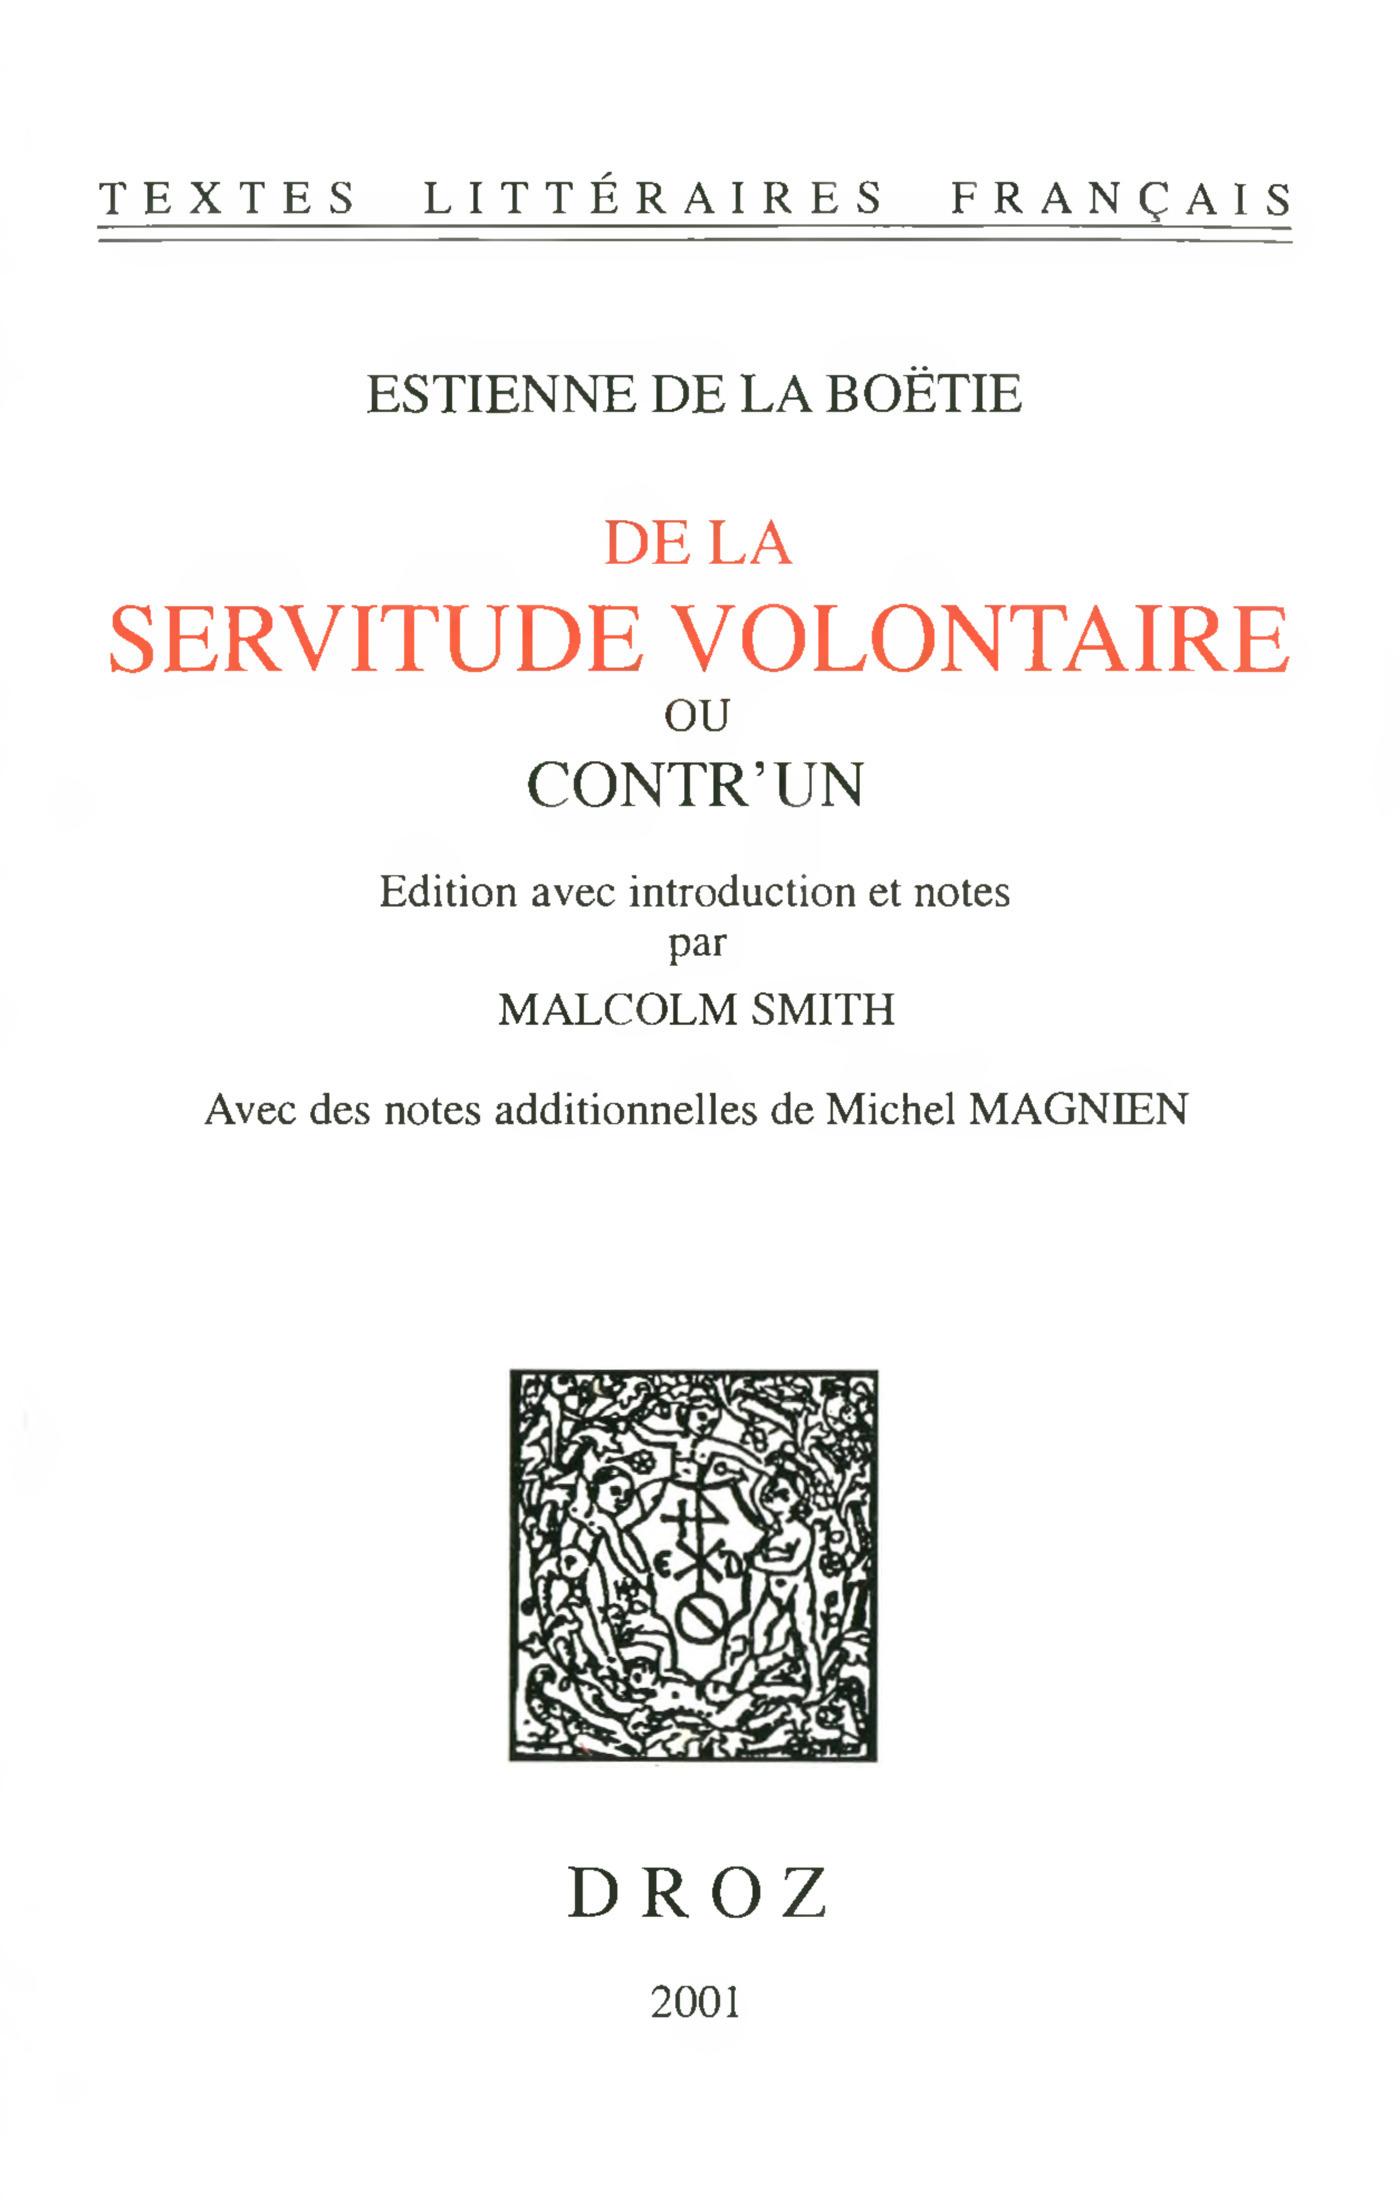 De la servitude volontaire ou contr'un